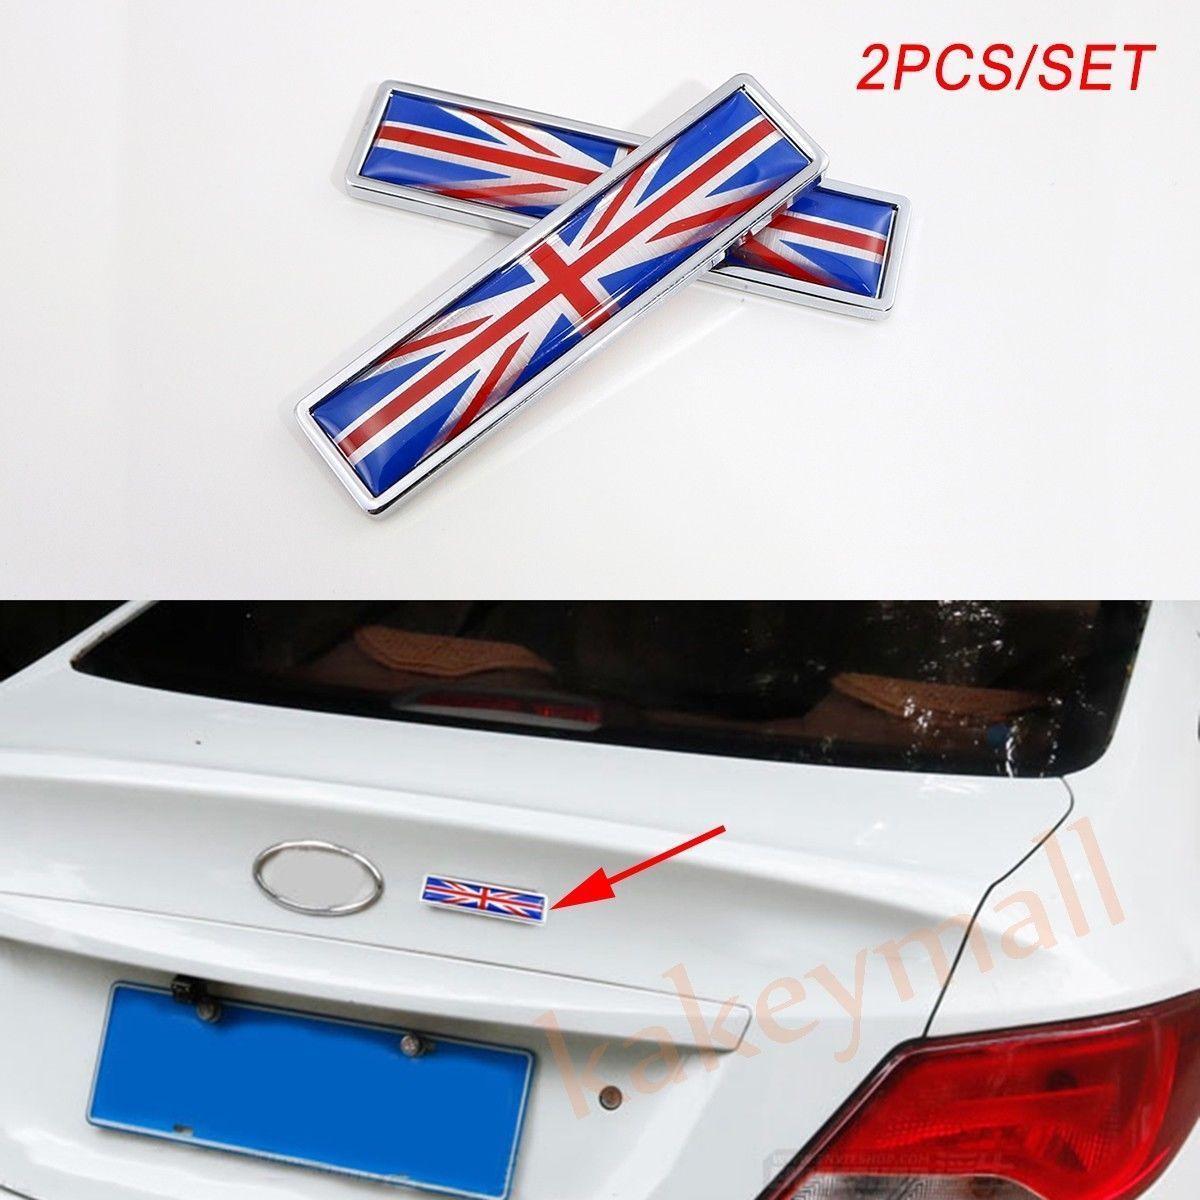 Traje Ford Etc Nuevo Reino Unido ~ Edición De Lujo Coche Insignia Emblema De Metal Cromado